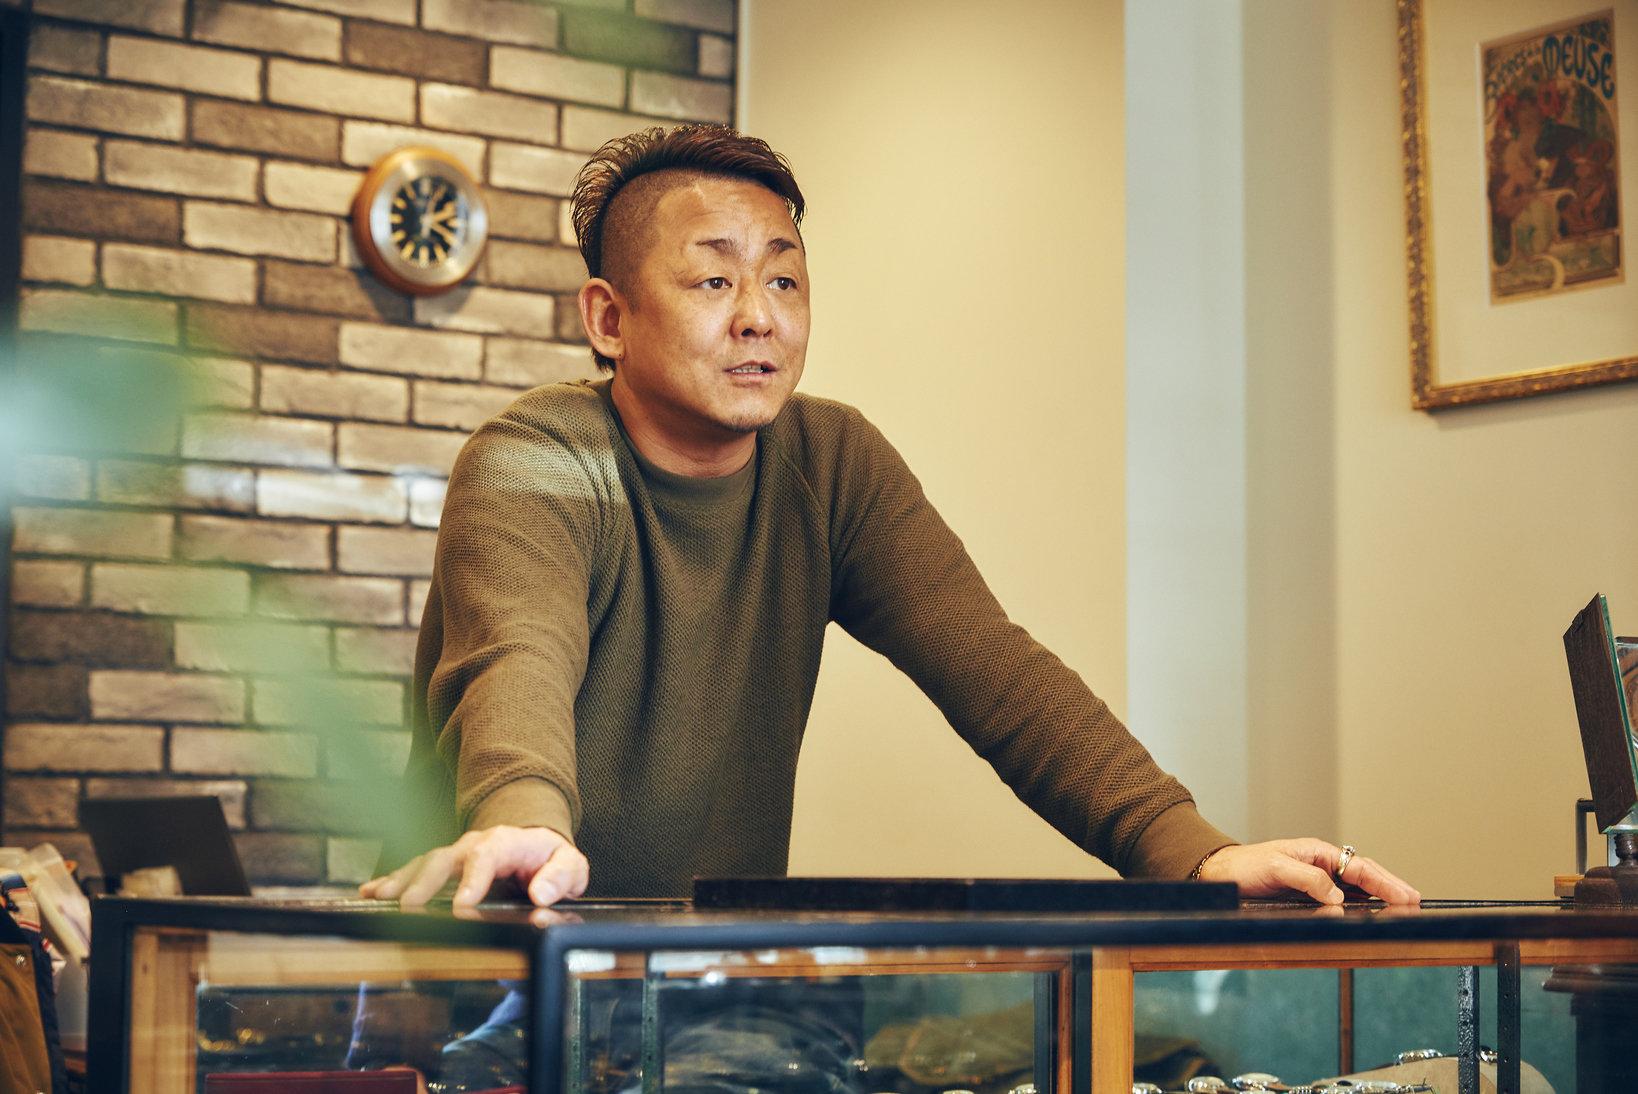 店長の前田さん。取材当日、キャリバーARを搭載したケース径27ミリのボーイズサイズのバブルバックを身につけていた。